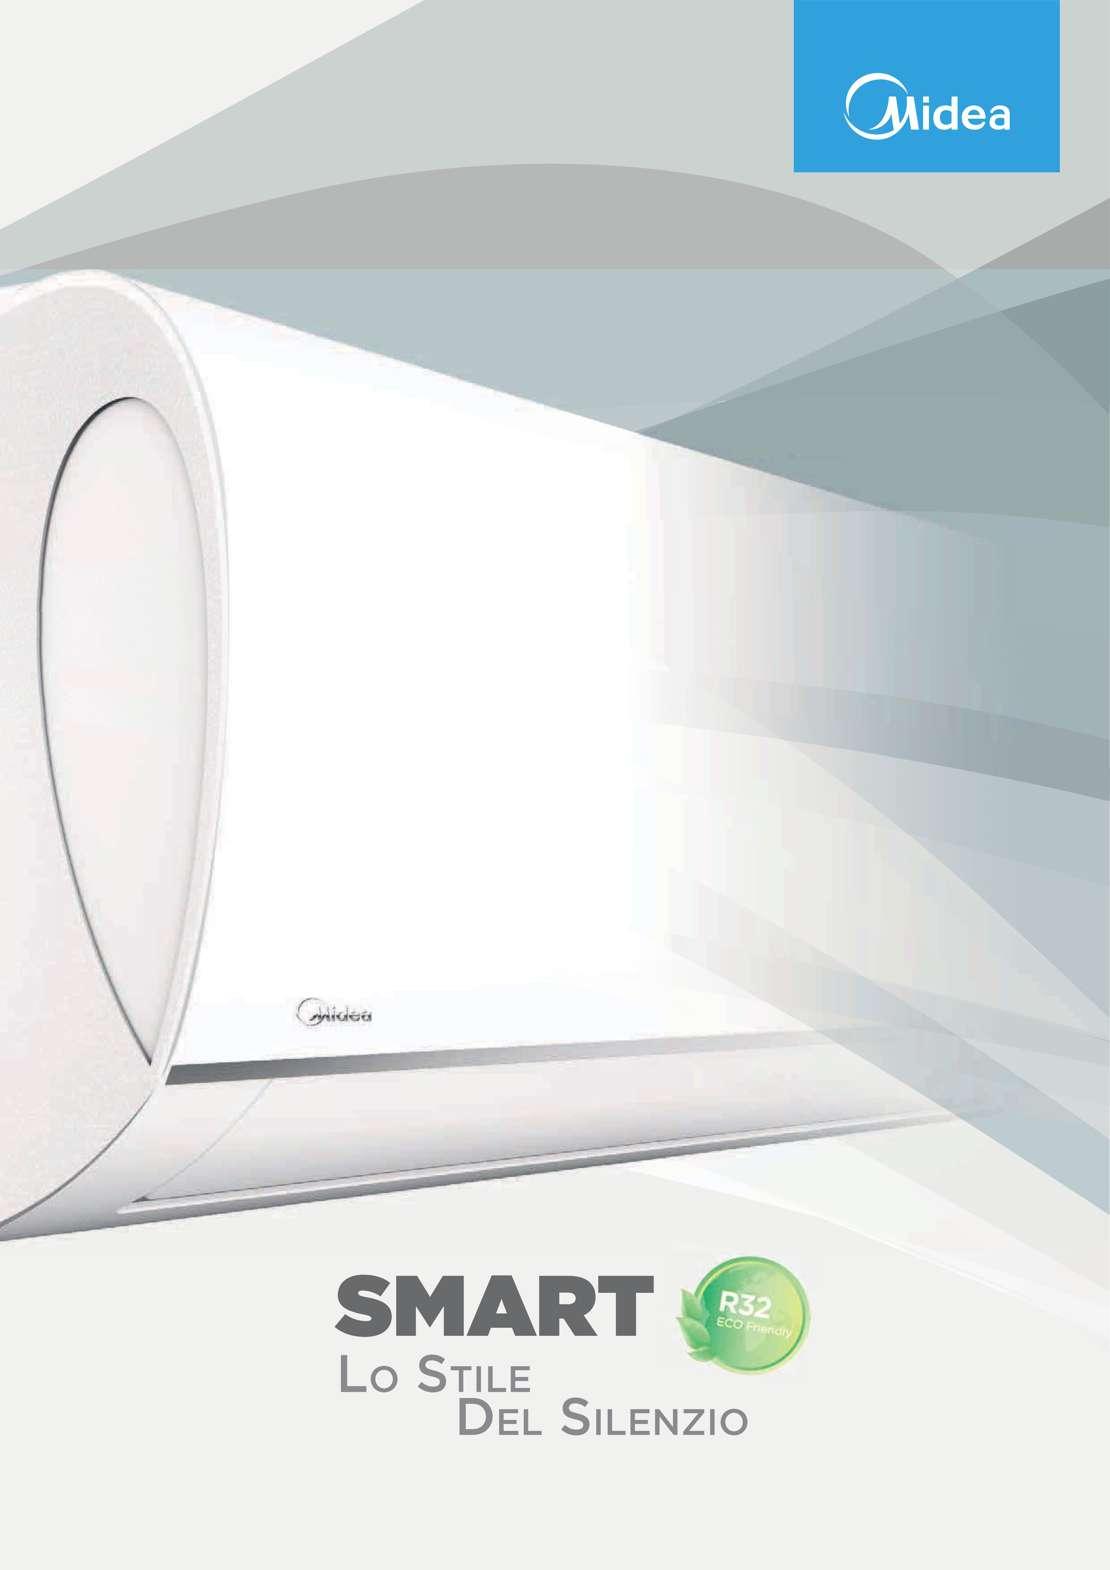 Midea Smart Climatizzatore